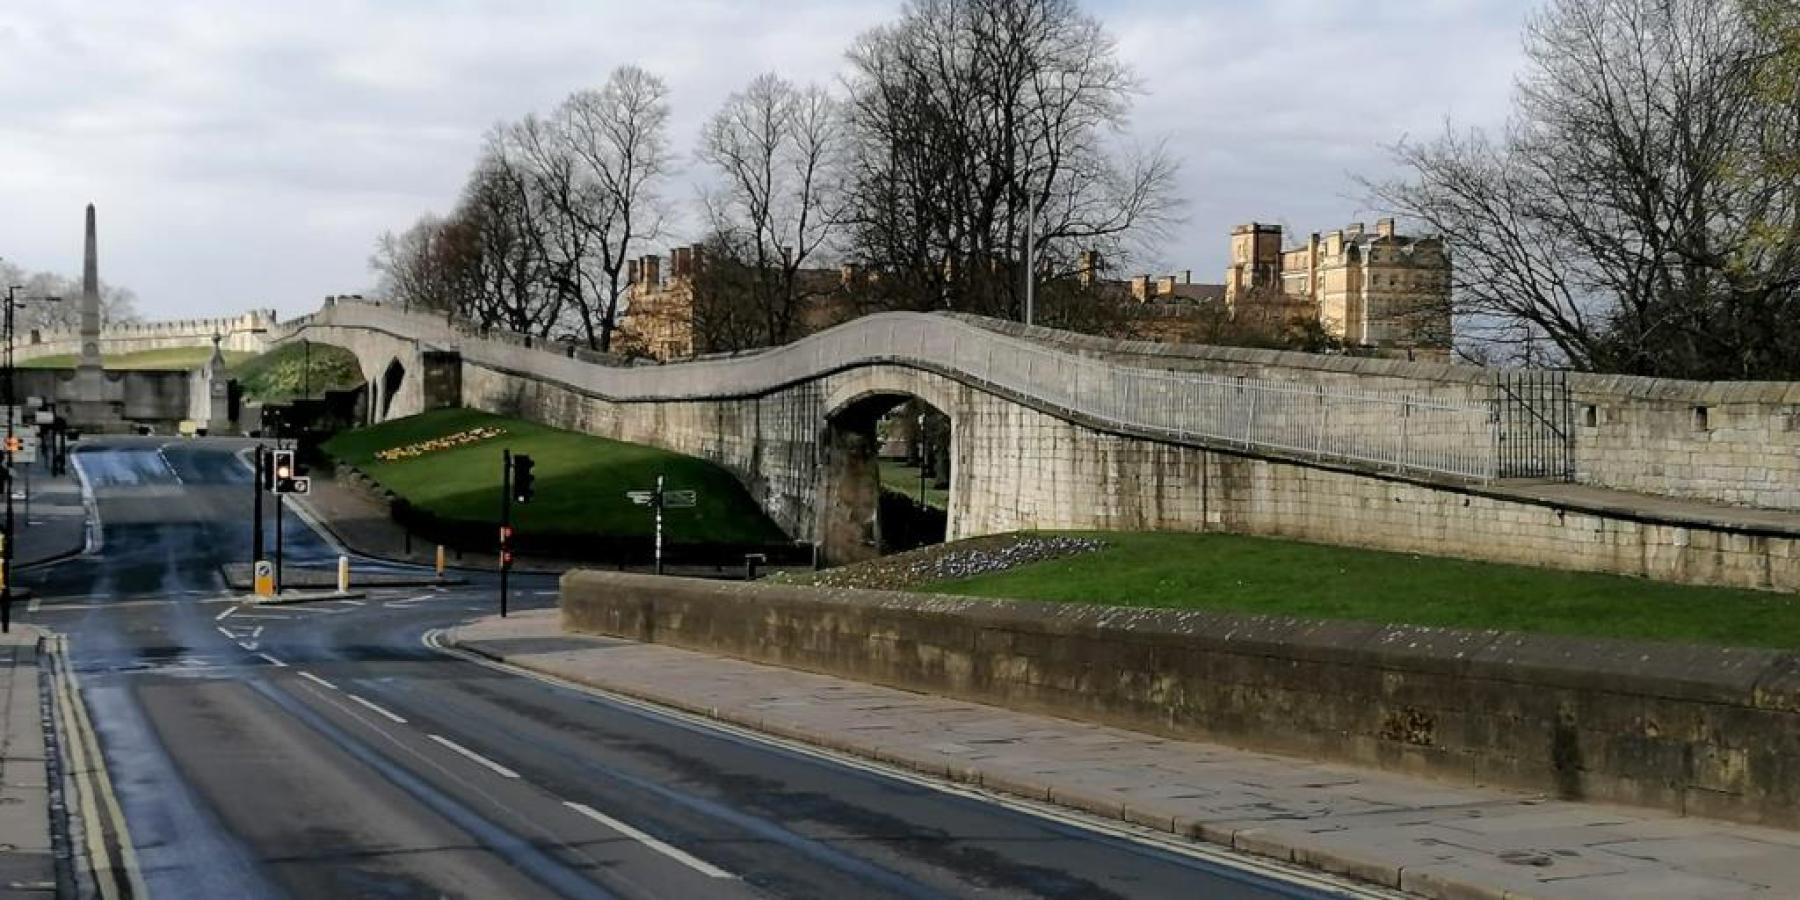 Corona: York lebt mit strengen Ausgangsregelungen